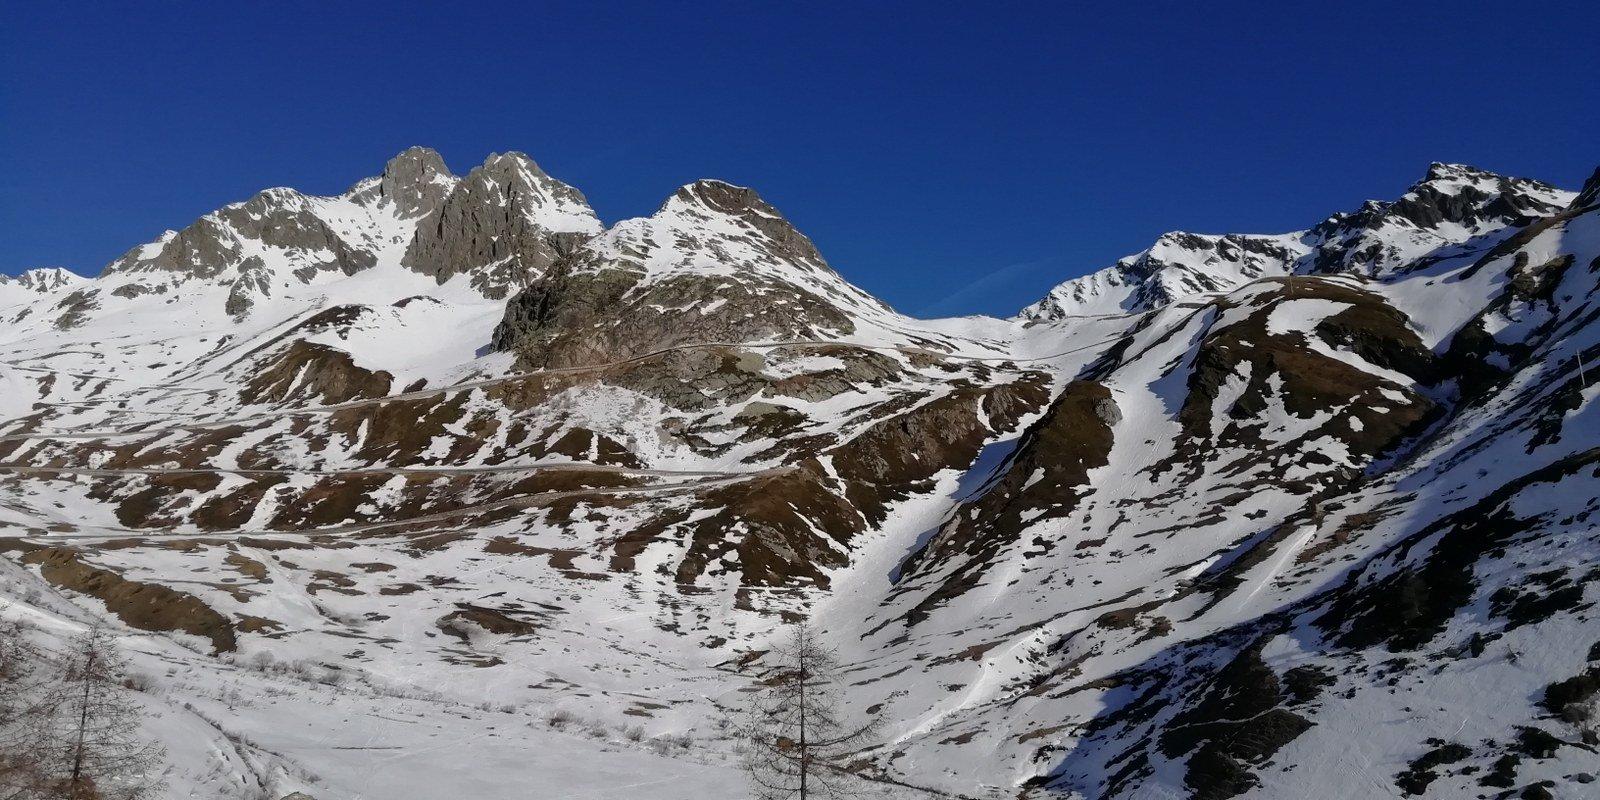 Situazione neve parte bassa con il canale di discesa visibile al centro